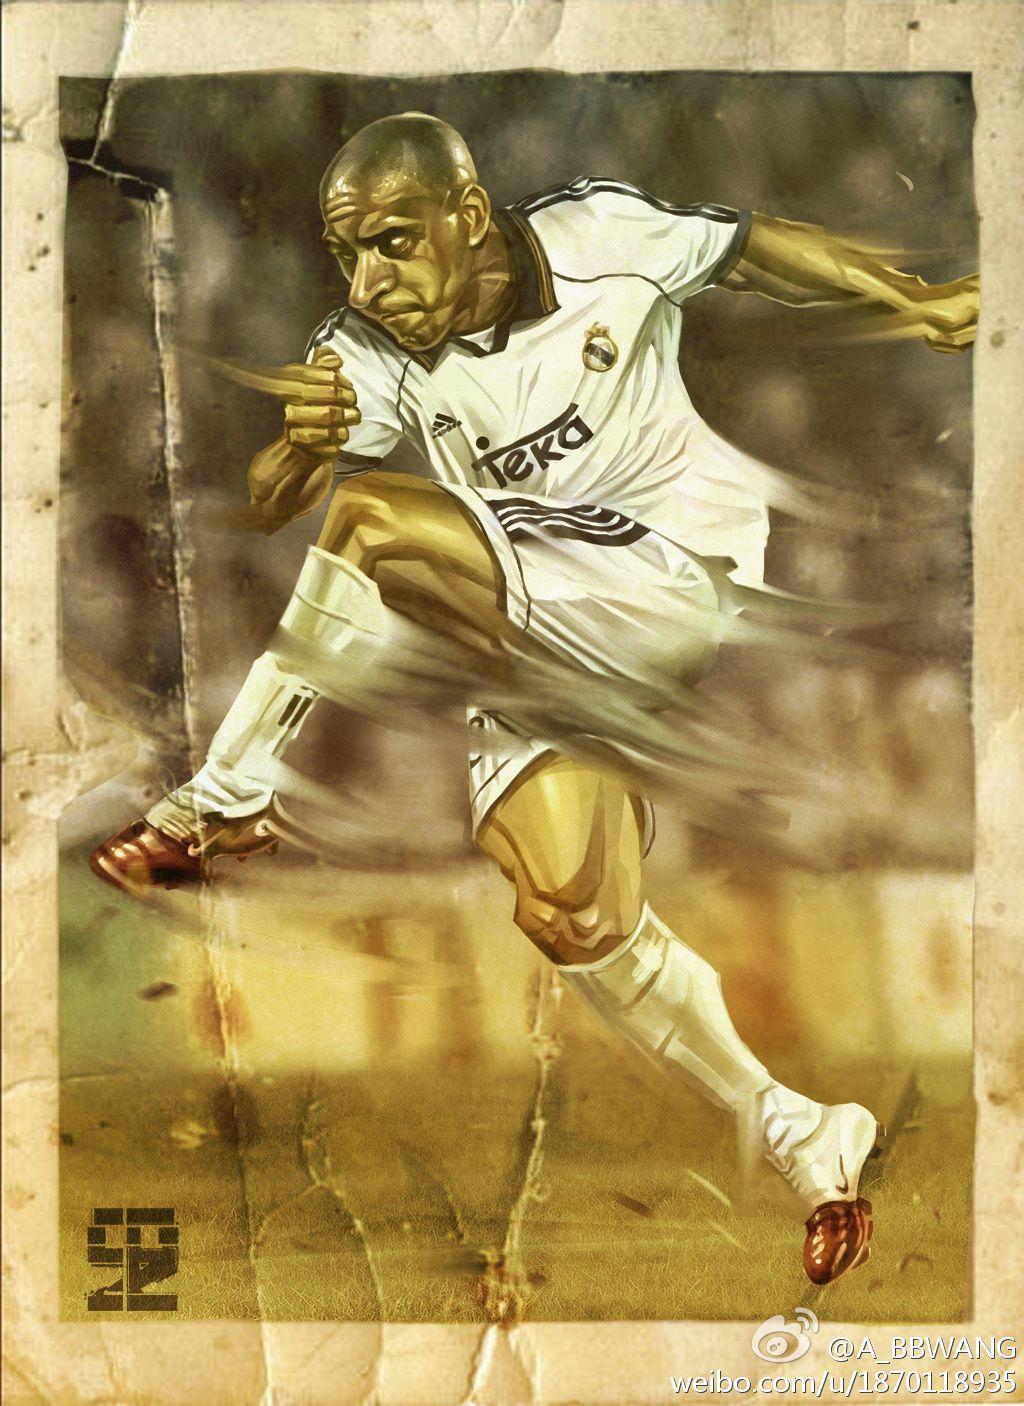 Roberto Carlos By A Bb On Deviantart Roberto Carlos Football Images Football Art